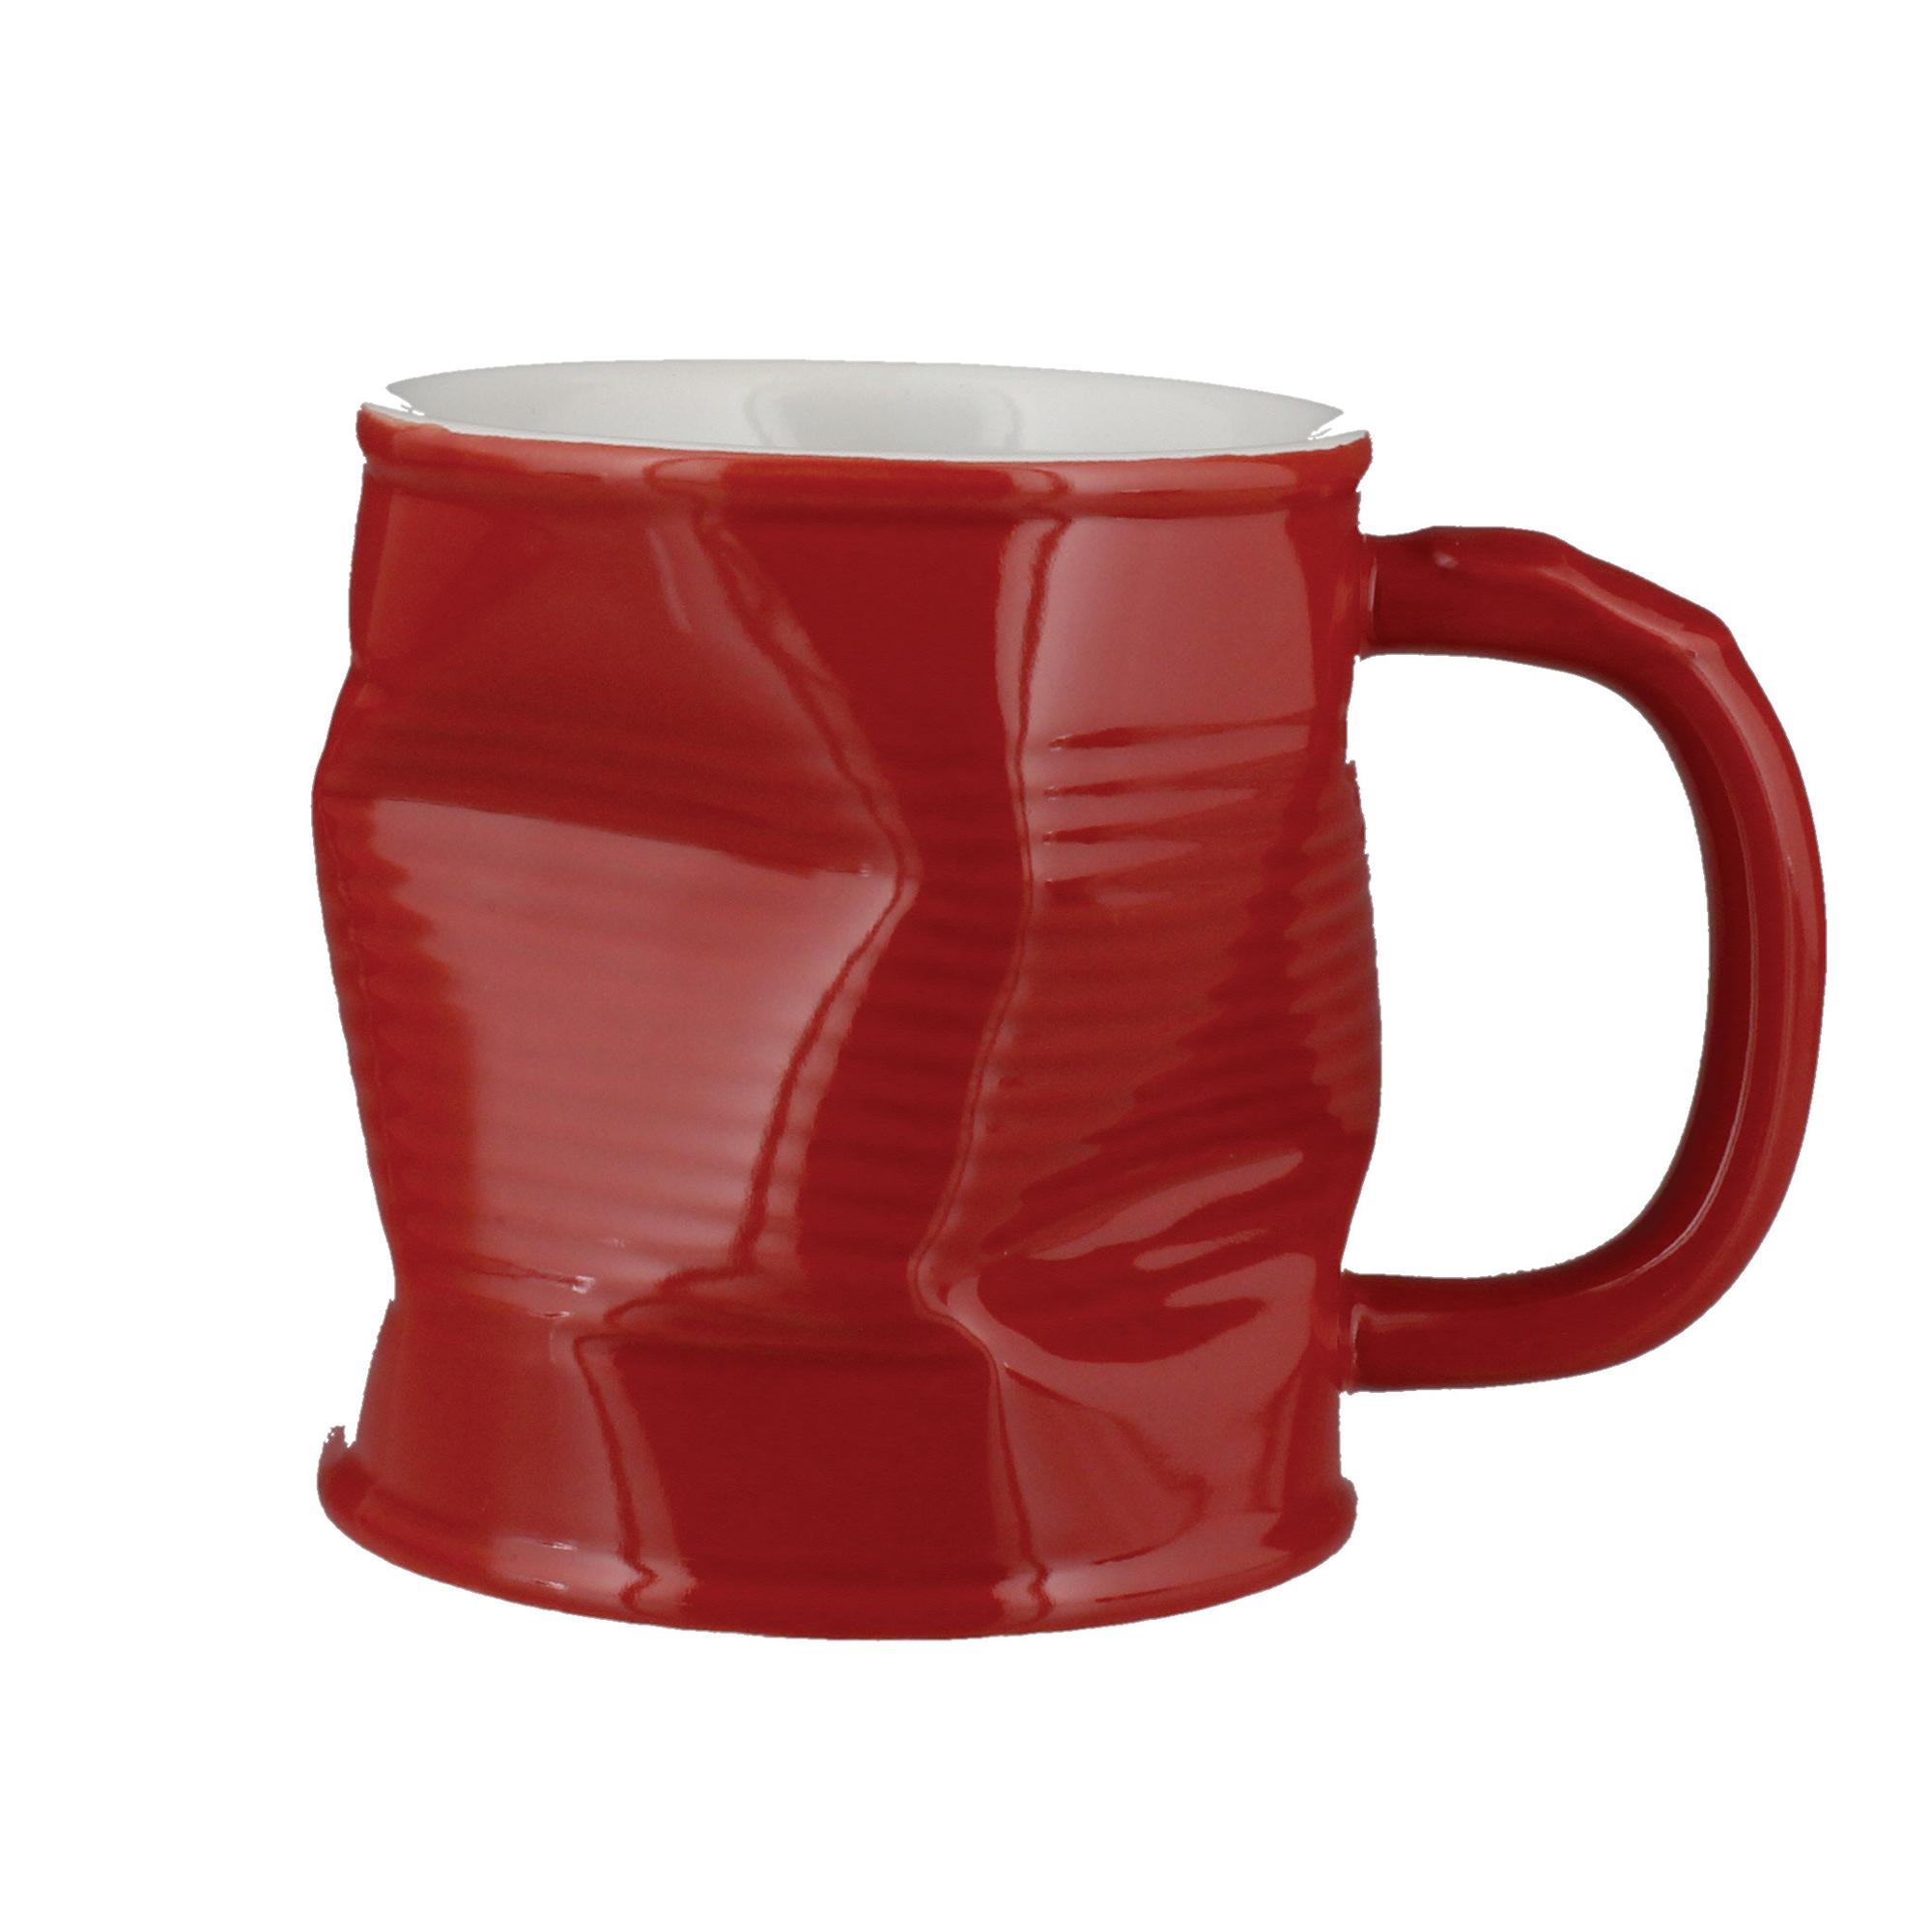 Artis Squashed Tin Can Ceramic Mug Red 220ml At Drinkstuff